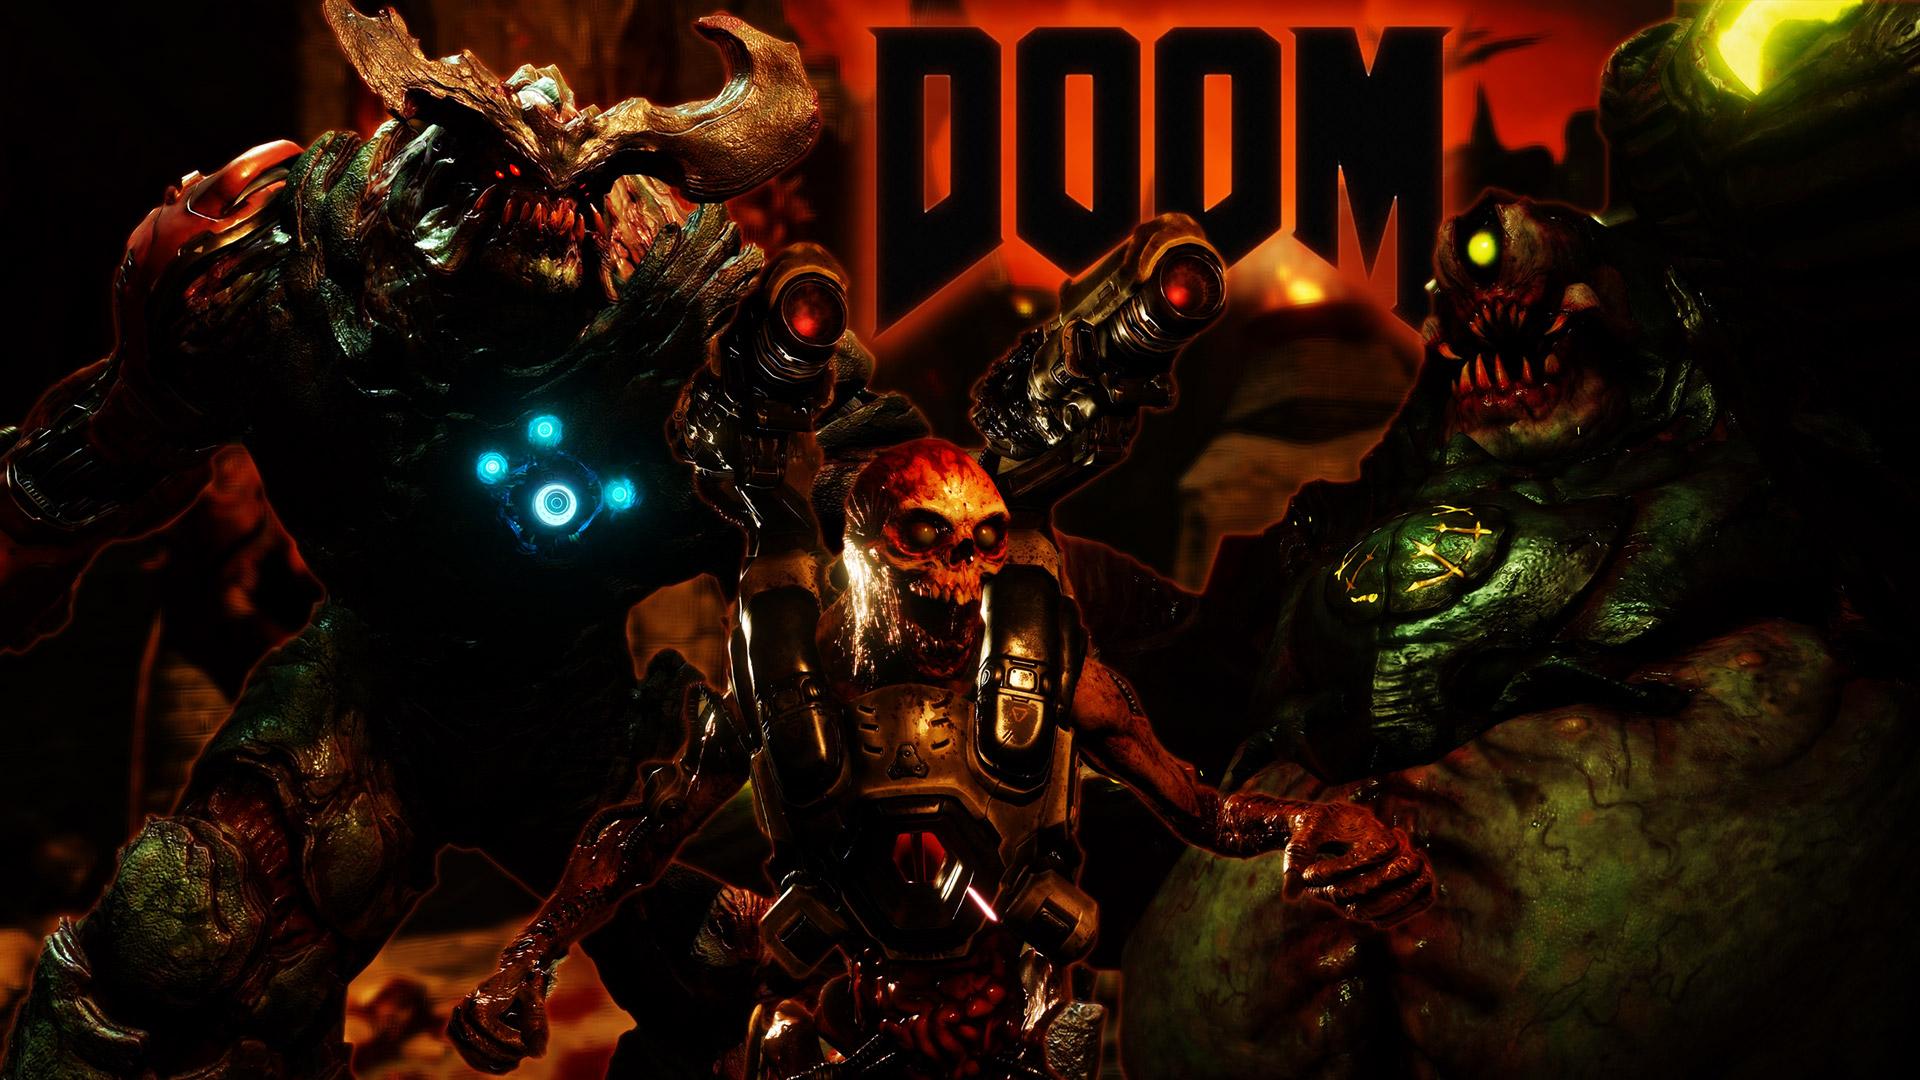 Free Doom (2016) Wallpaper in 1920x1080